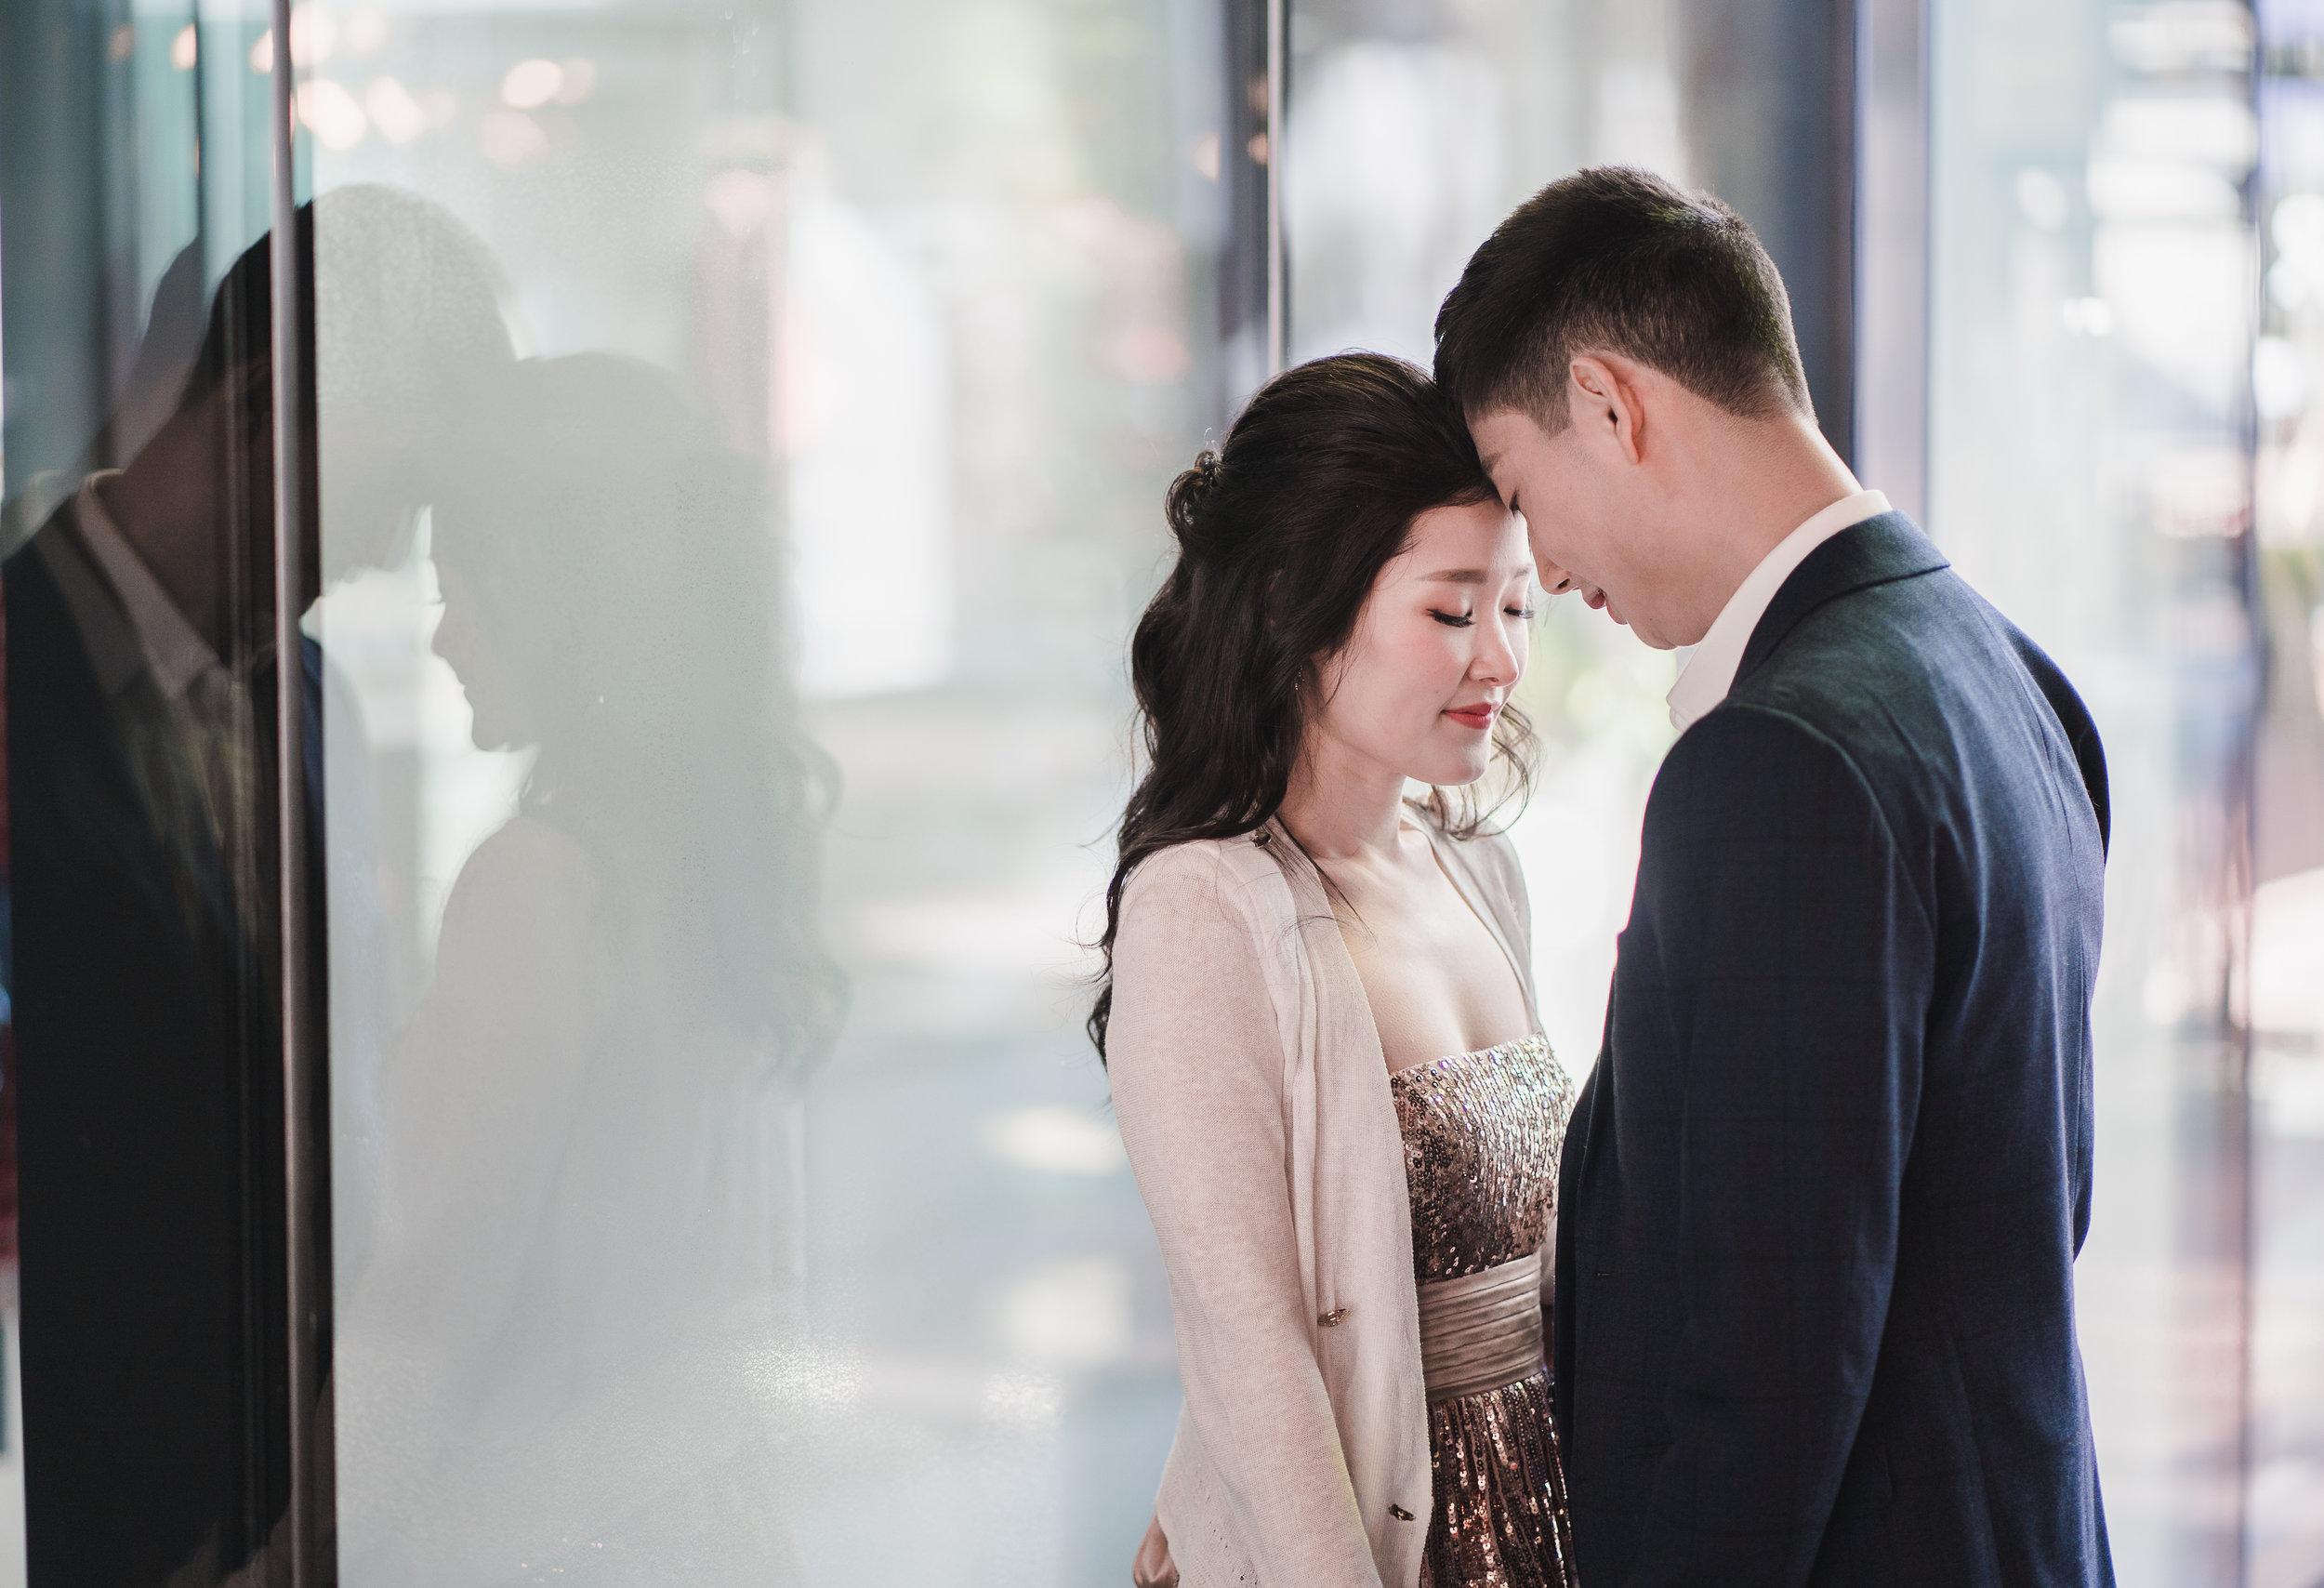 20190428 - Rachel & Brandon Engagement - 0072.jpg